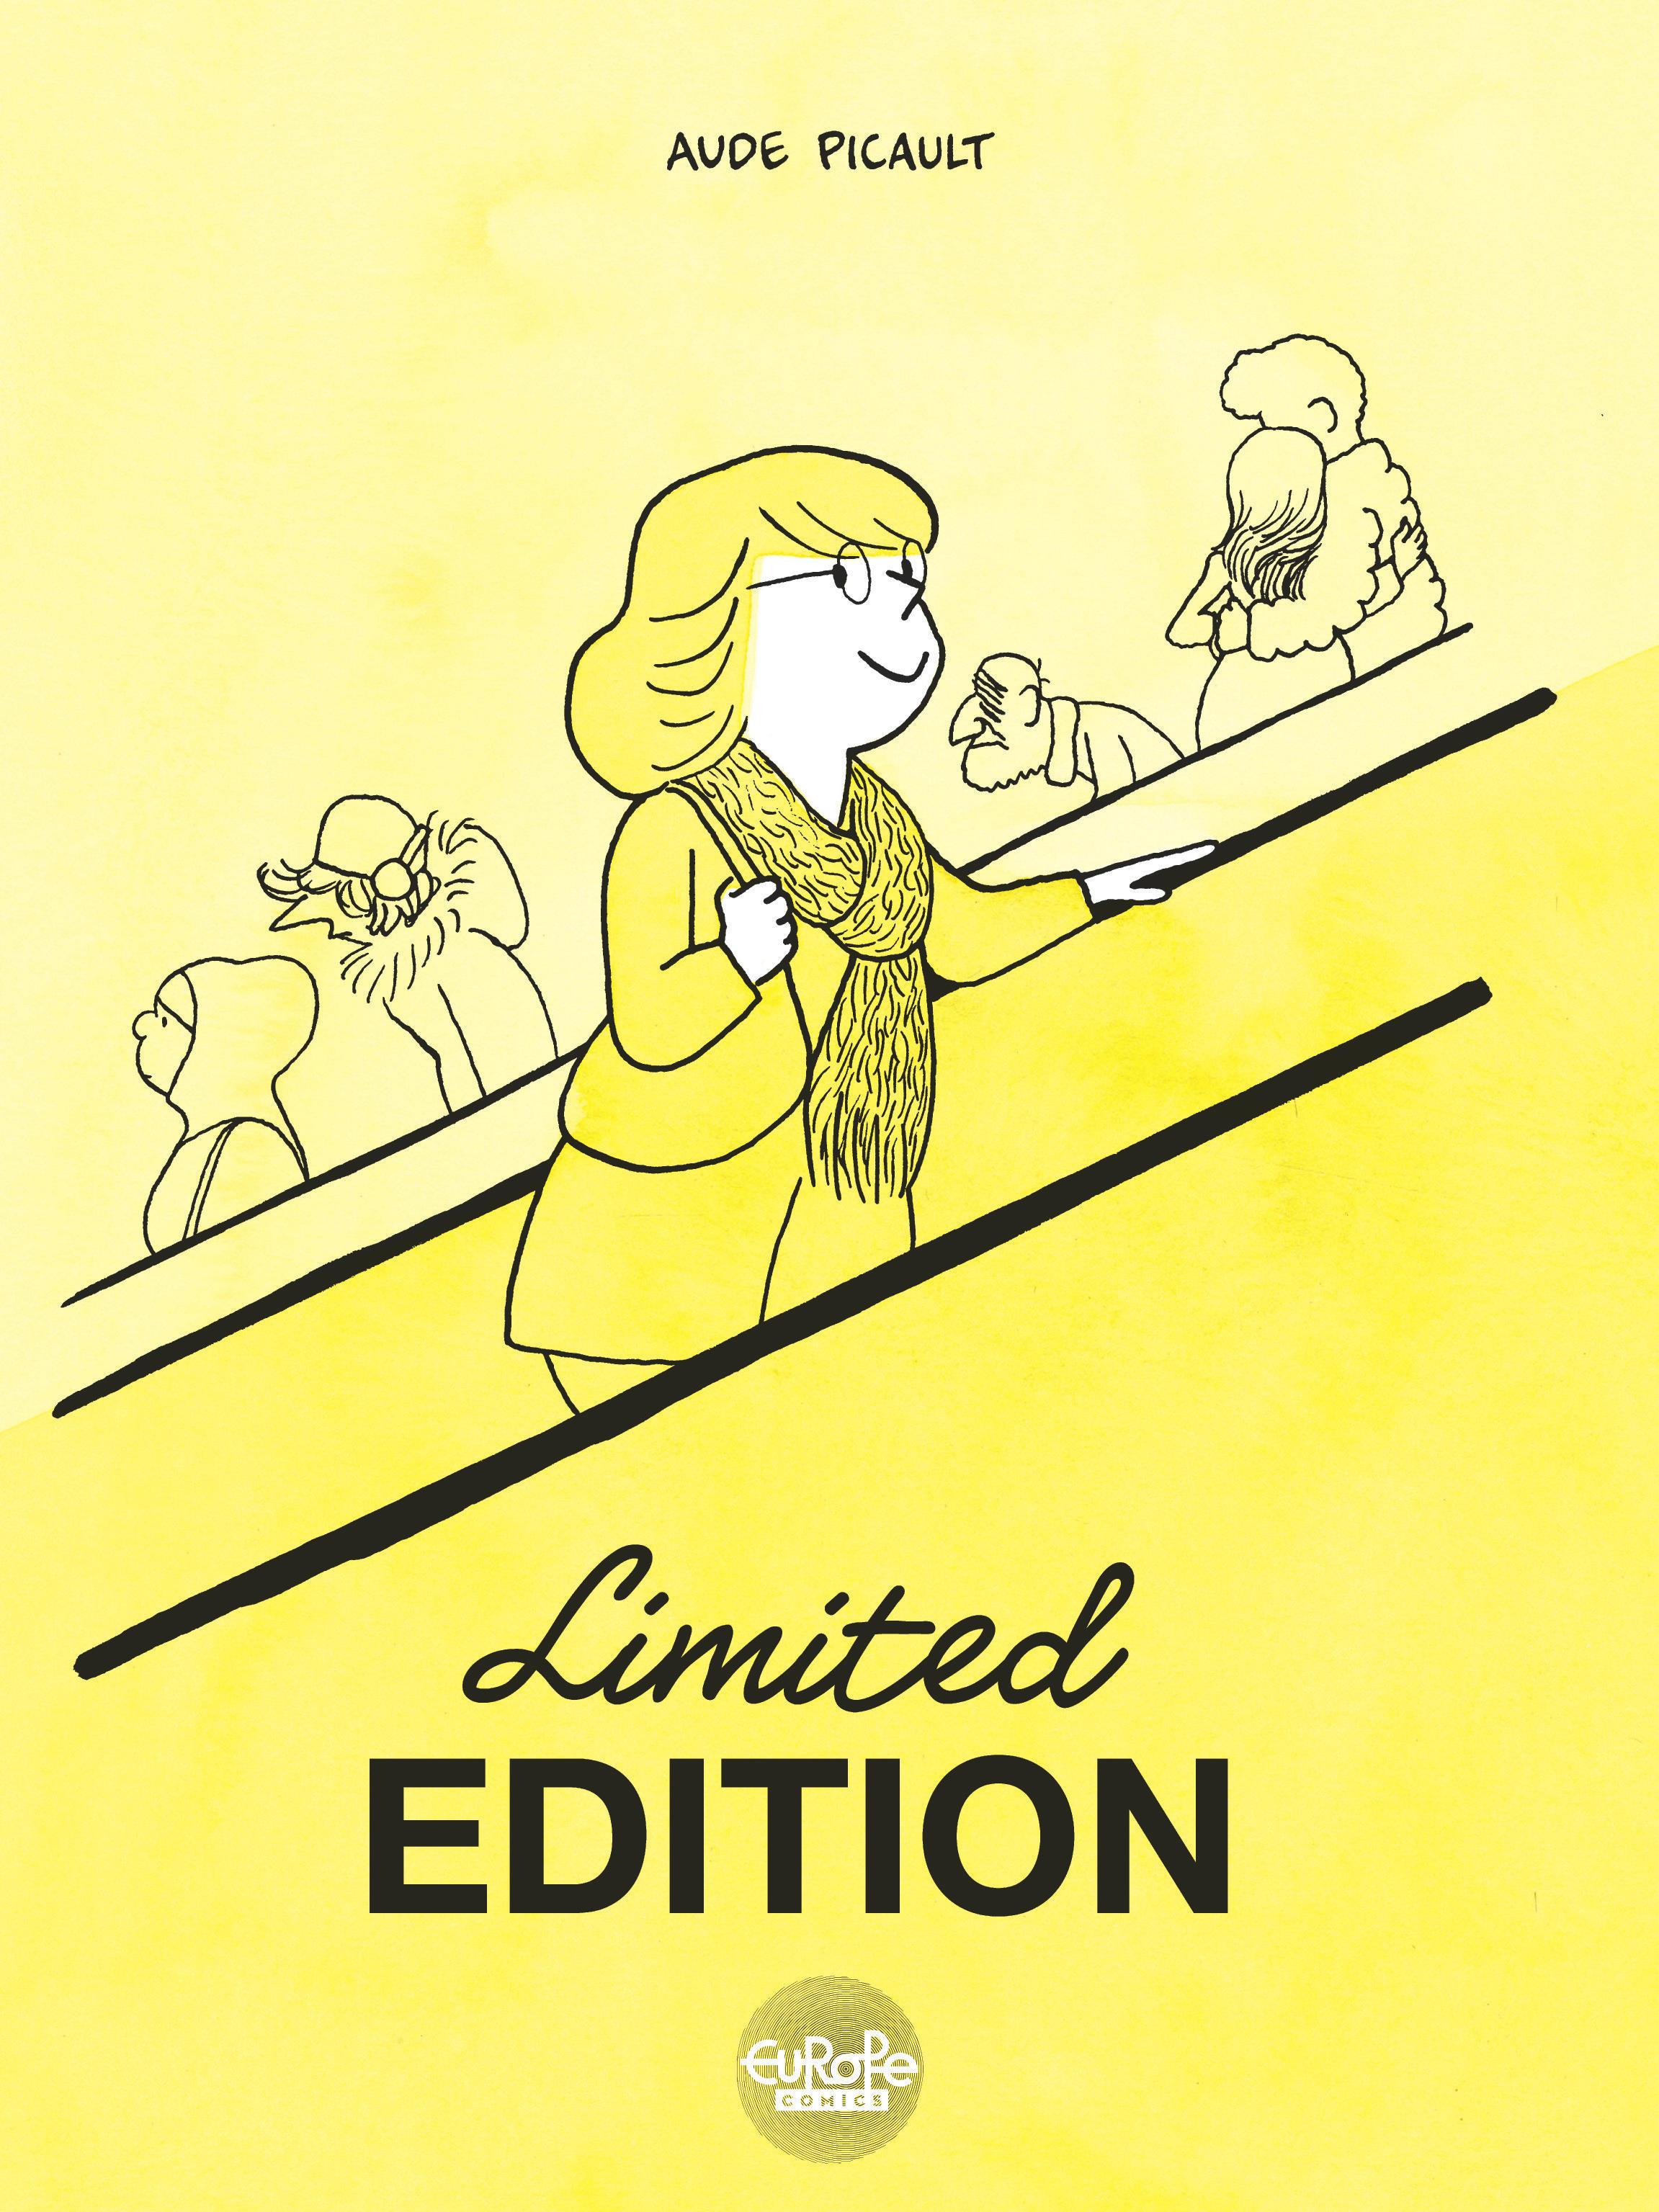 Vignette du livre Limited Edition